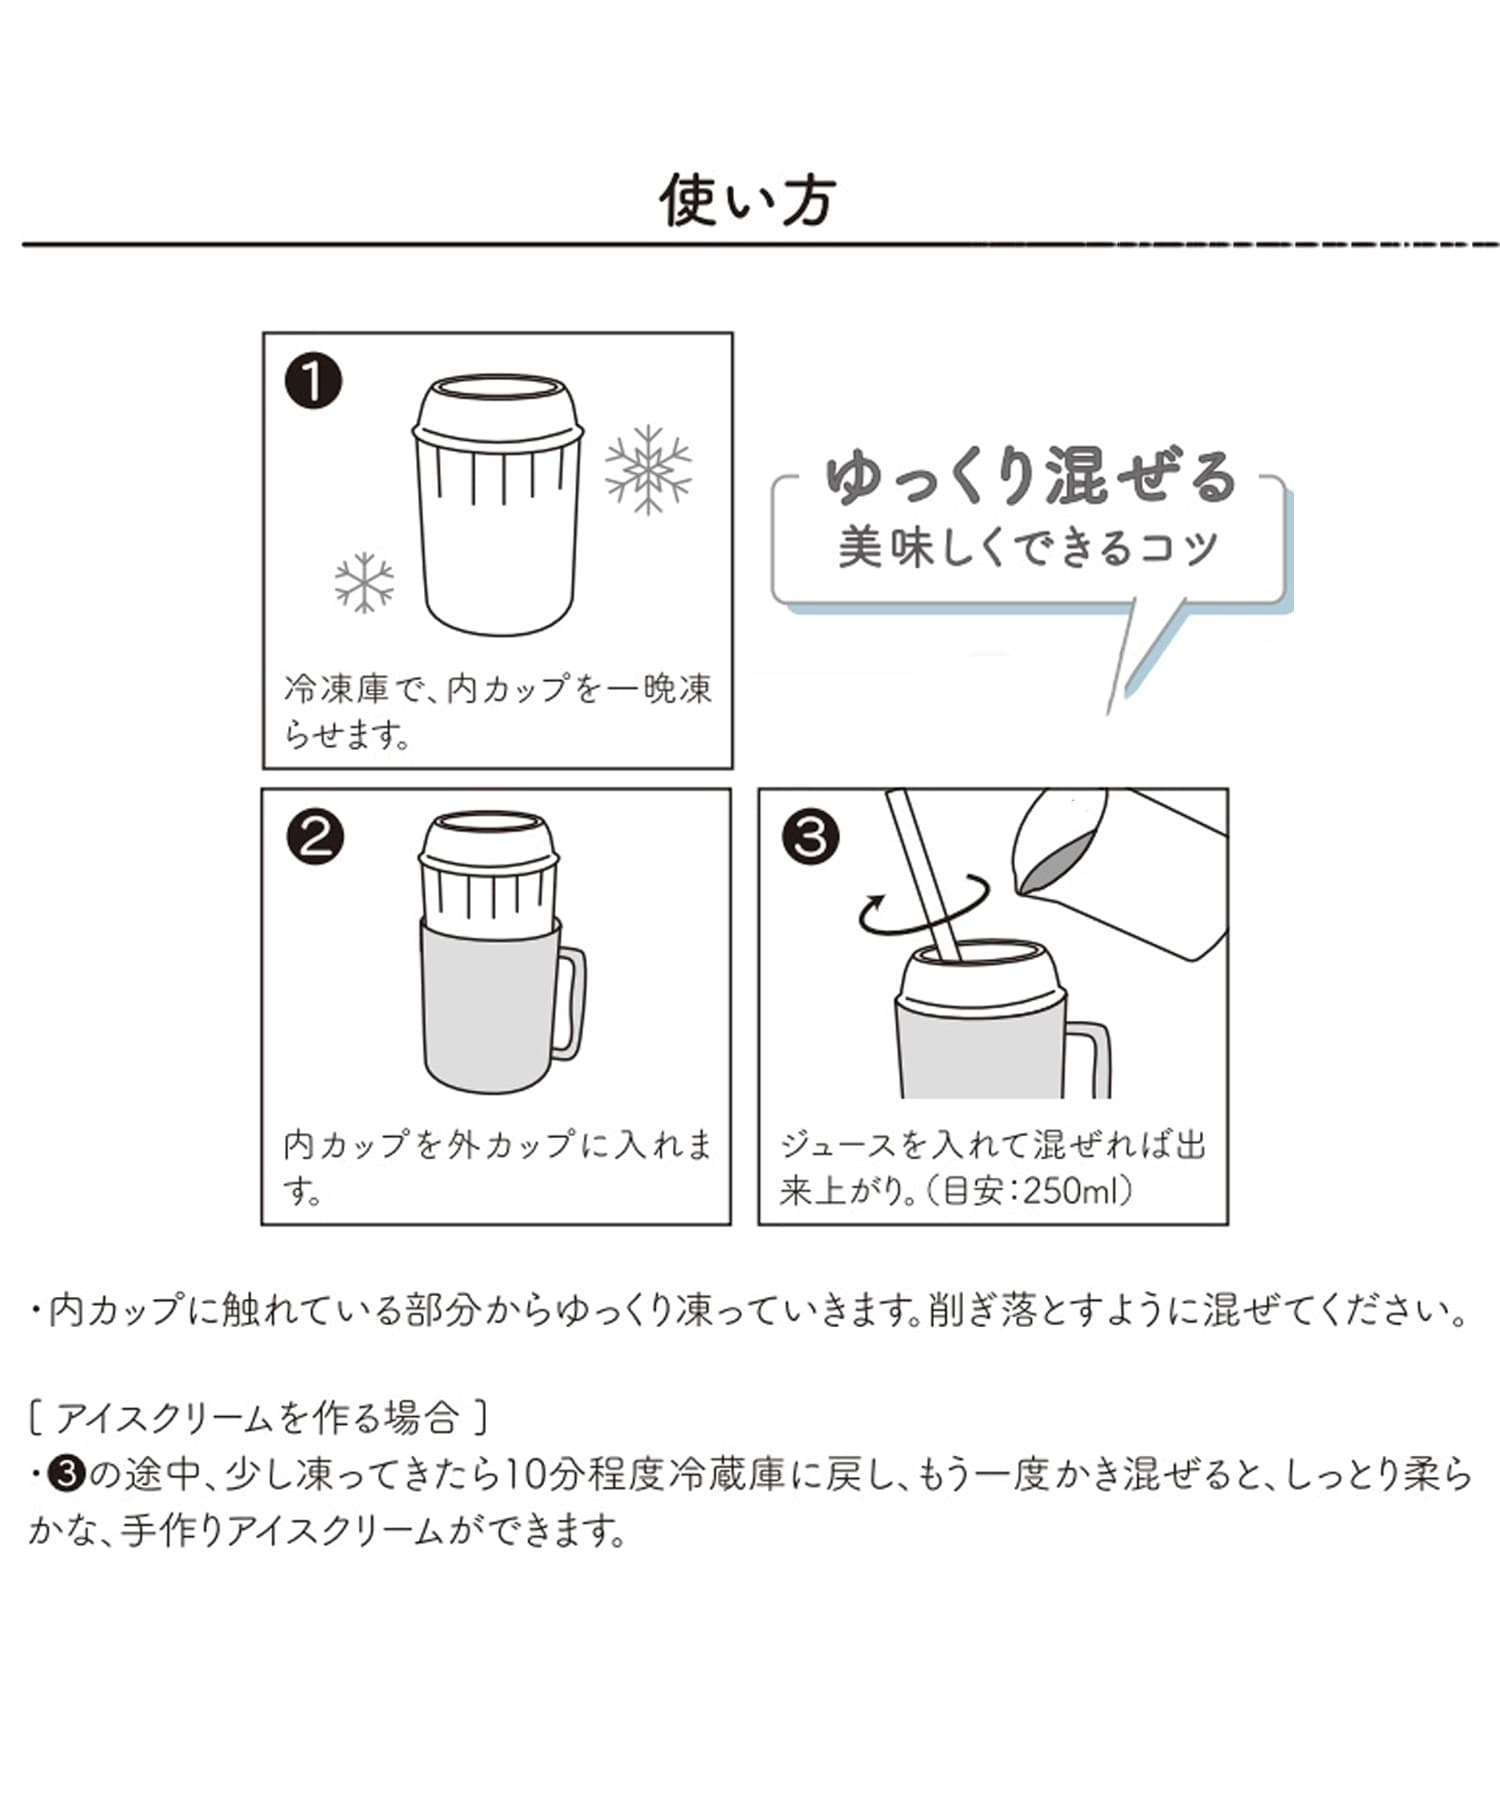 3COINS(スリーコインズ) 【季節を楽しむおうちカフェ】マジックフローズンメーカー